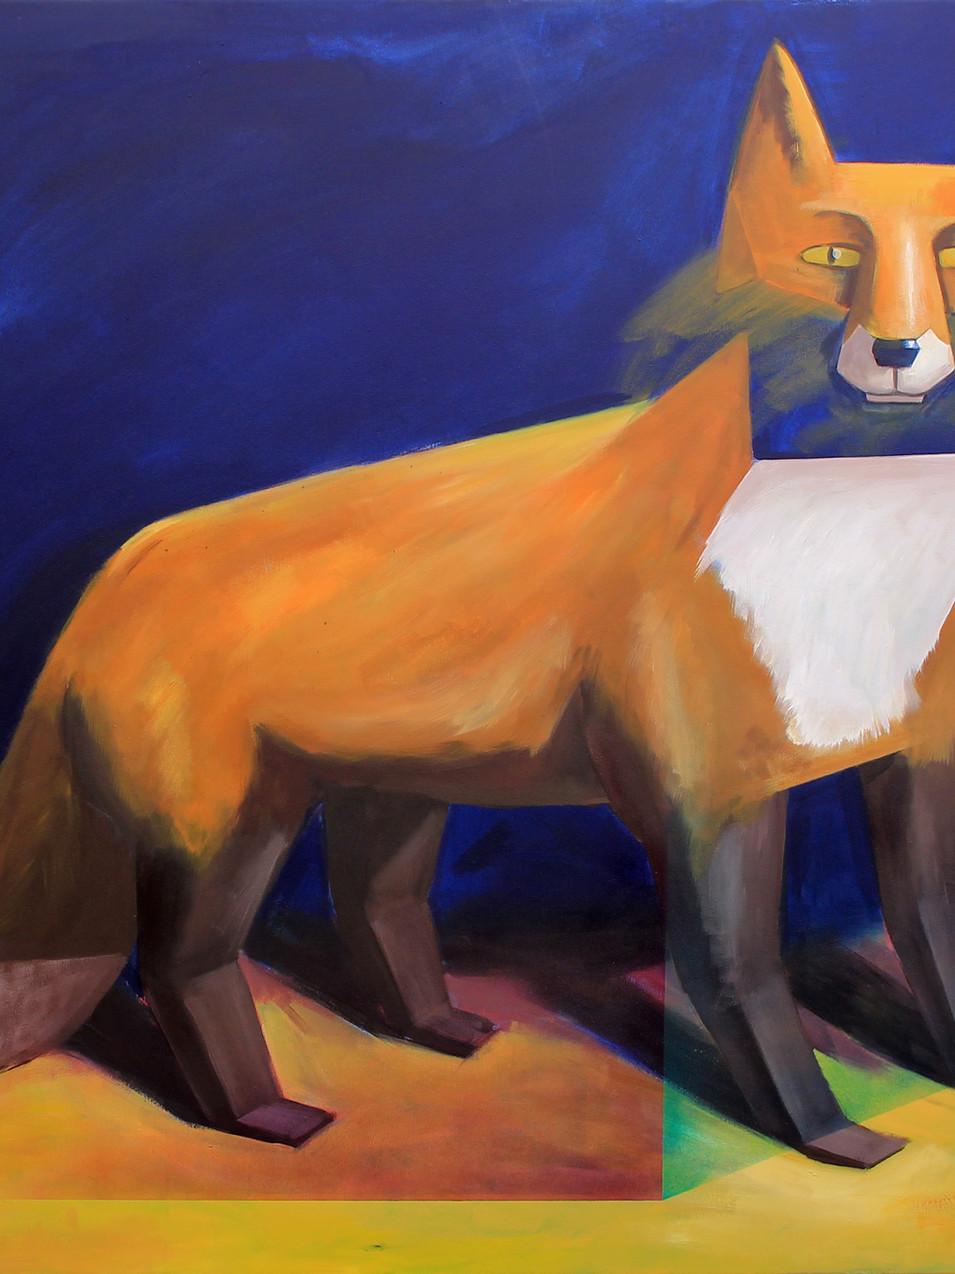 Philipp Weber|Fux|2013 | Acryl auf Leinwand | 119 x 99 cm | 2390 Euro